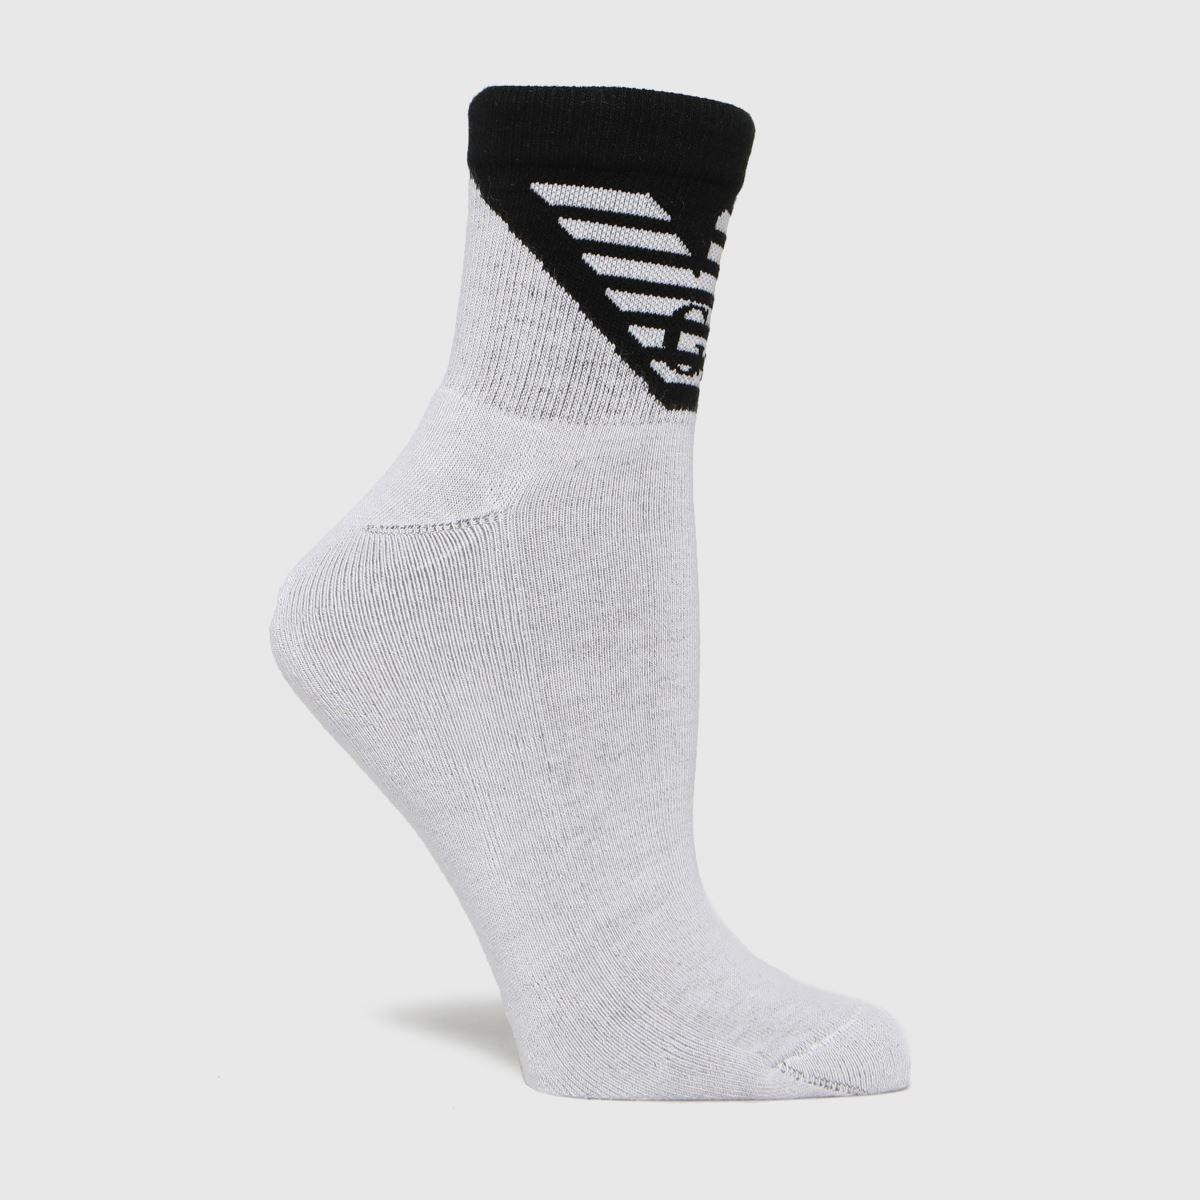 ARMANI Black & White 2 Pack N-shoe